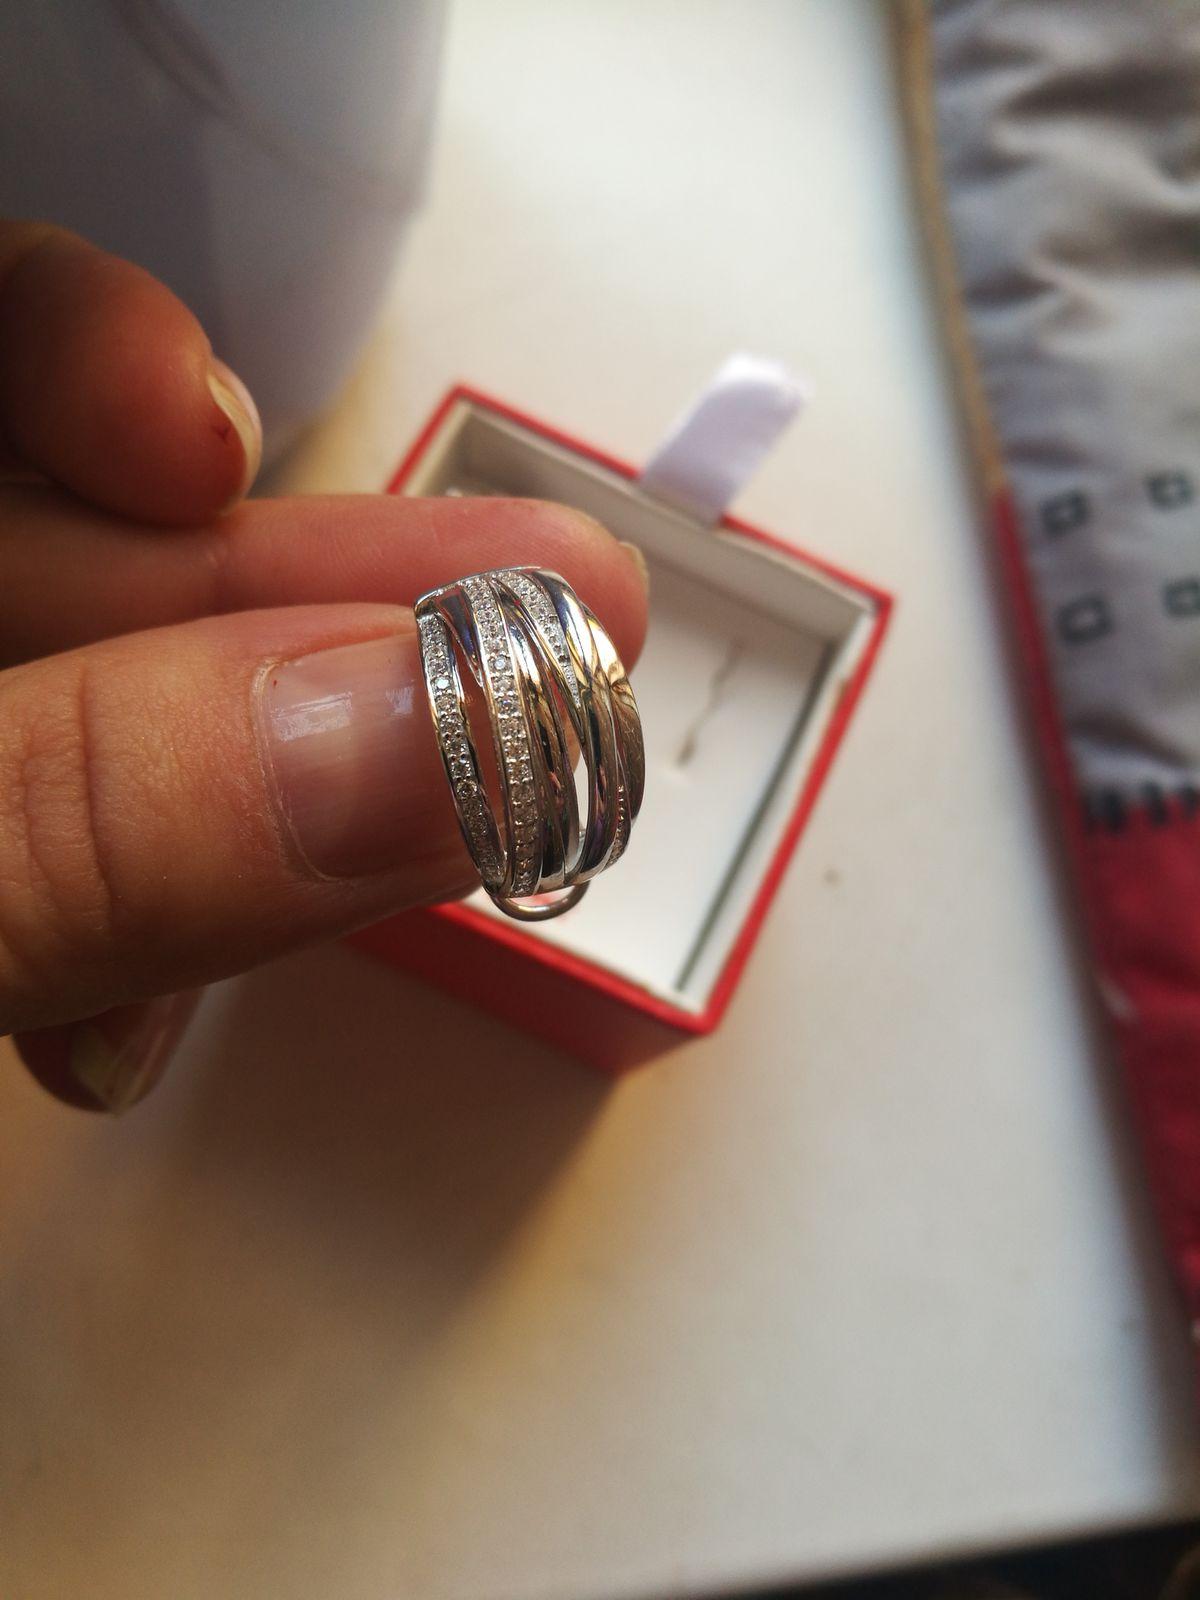 Серьги с феанинитом, серебро очень переливаются на солнце, красиво смотритс